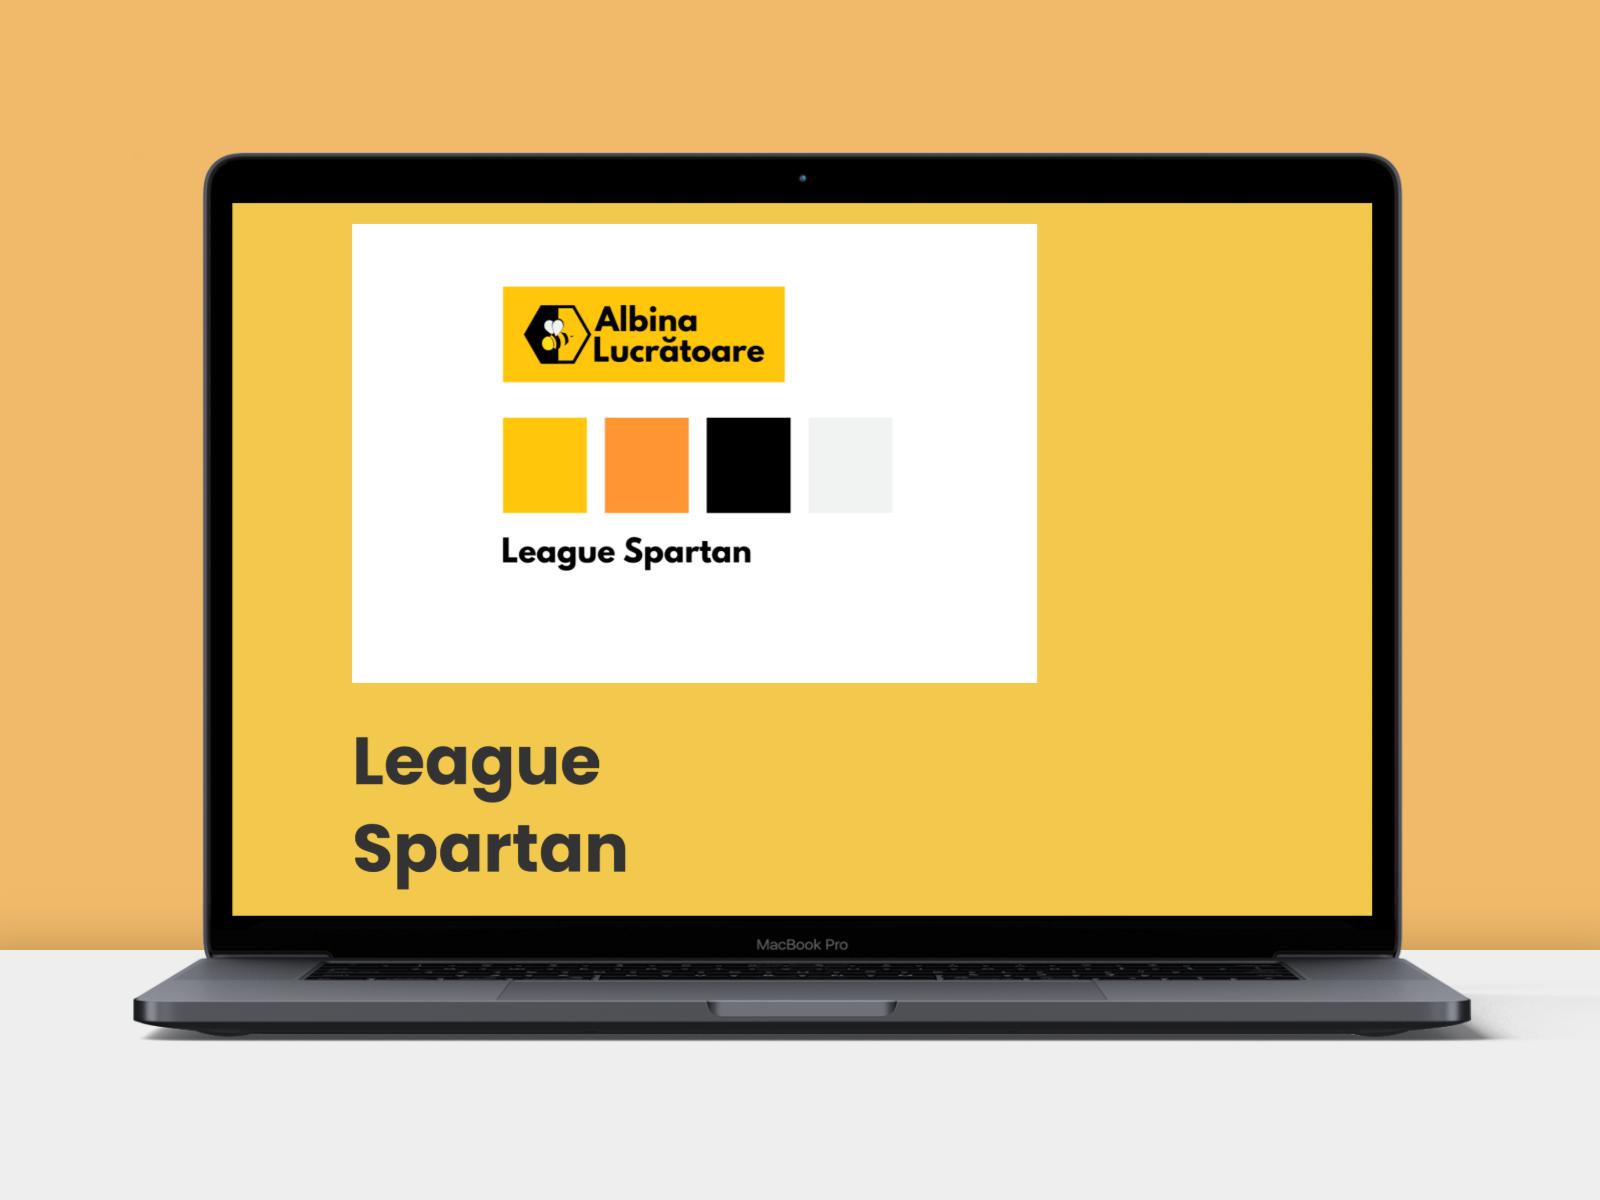 League Spartan Font Albinalucratoare